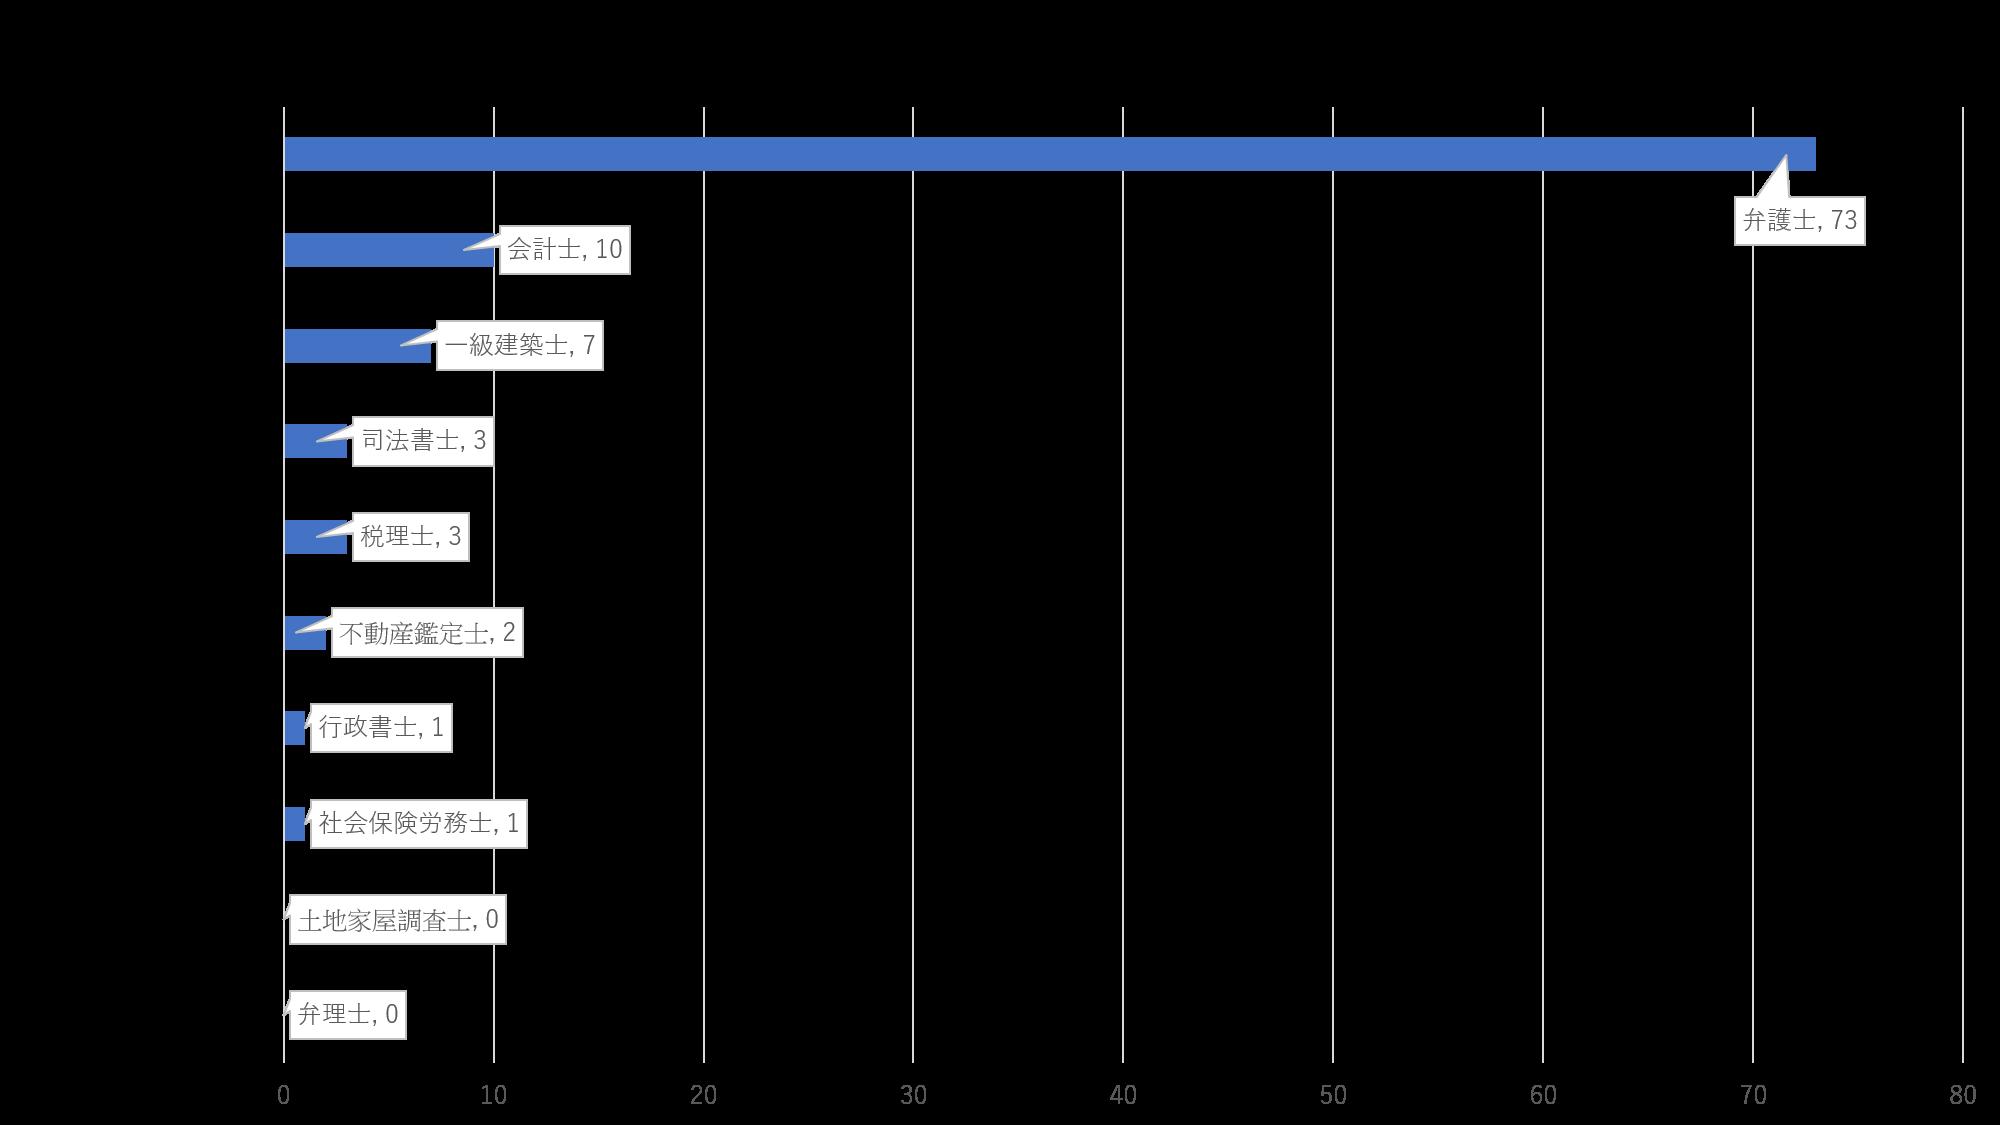 年収が1番高いと思う士業はどれ? グラフ